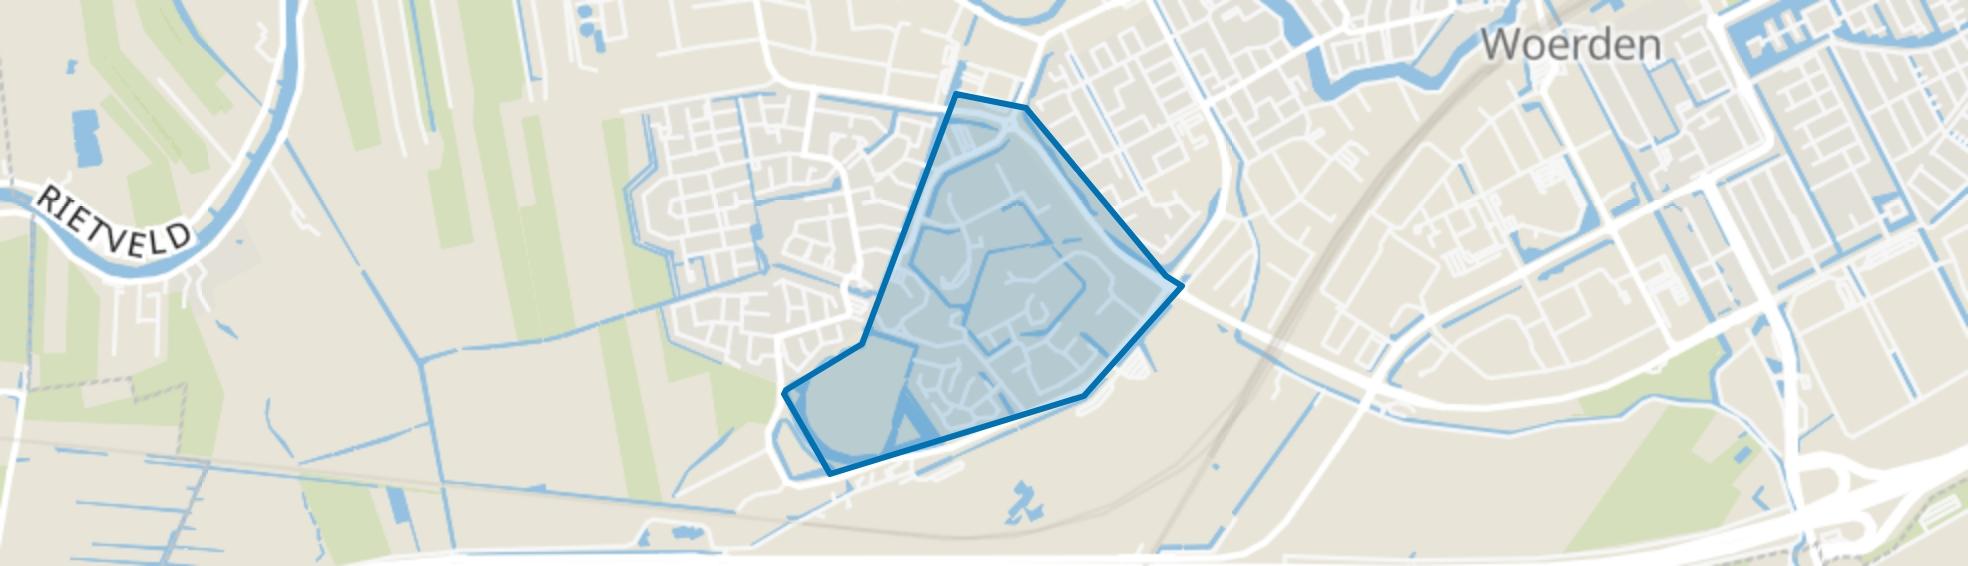 Molenvliet-Oost, Woerden map